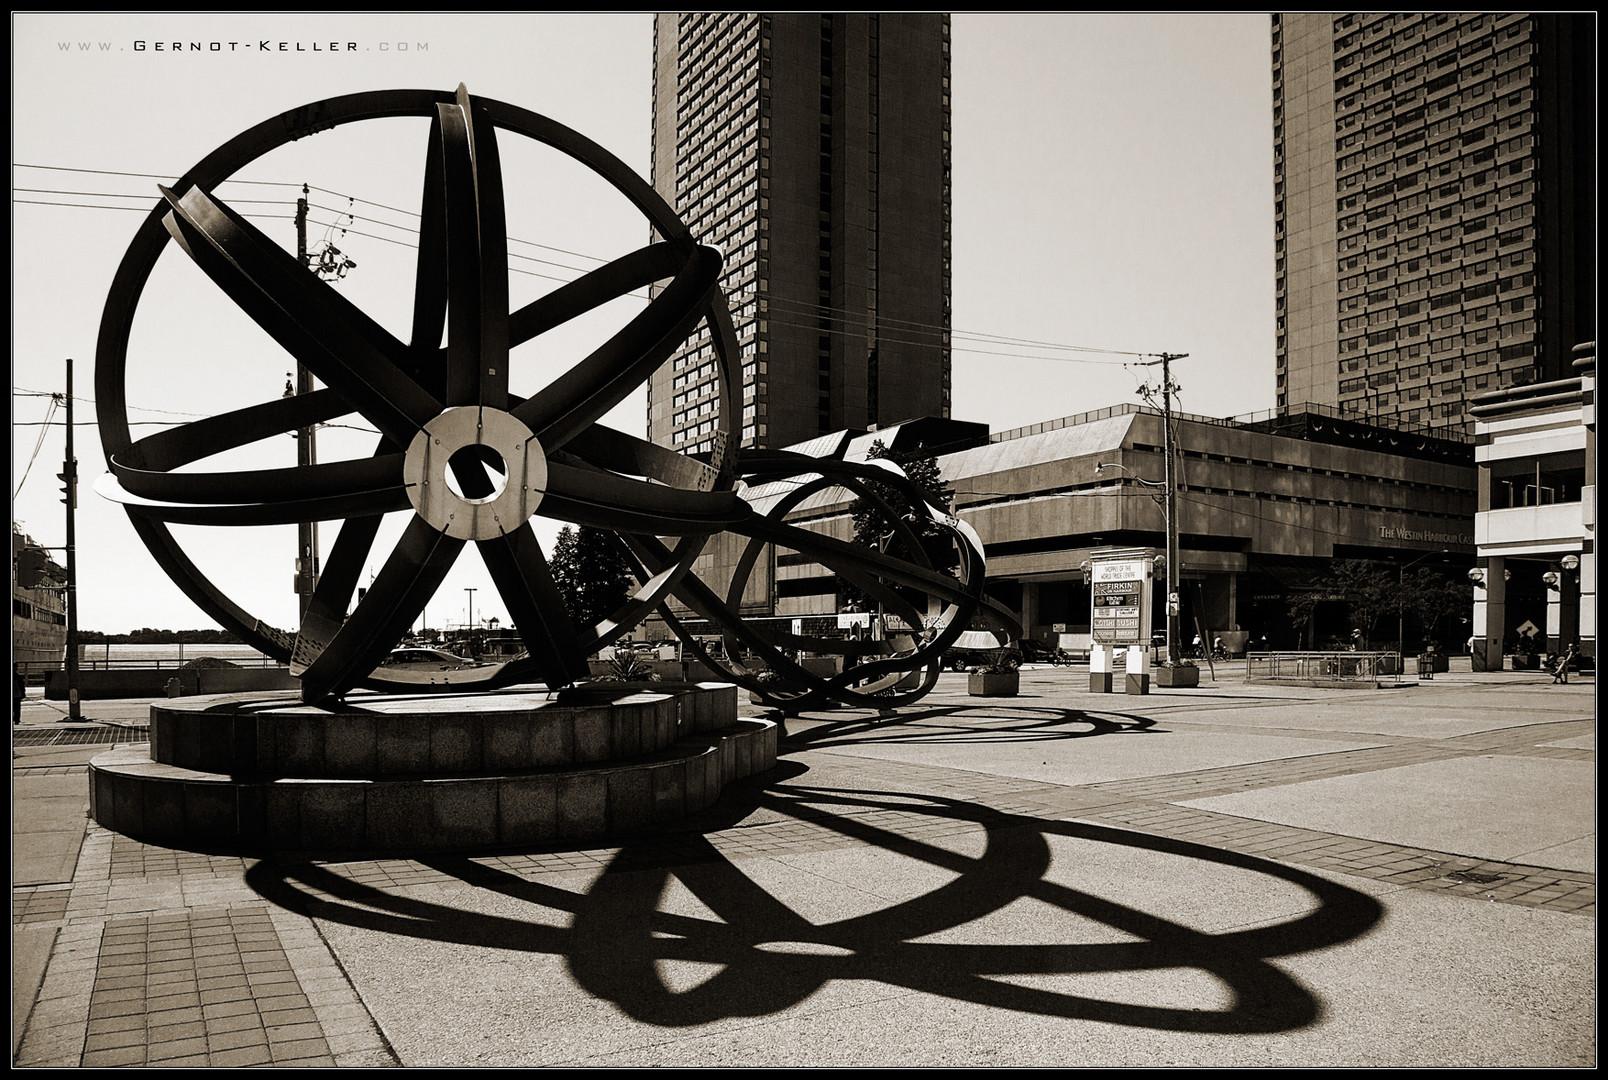 04679 - Canada, Toronto